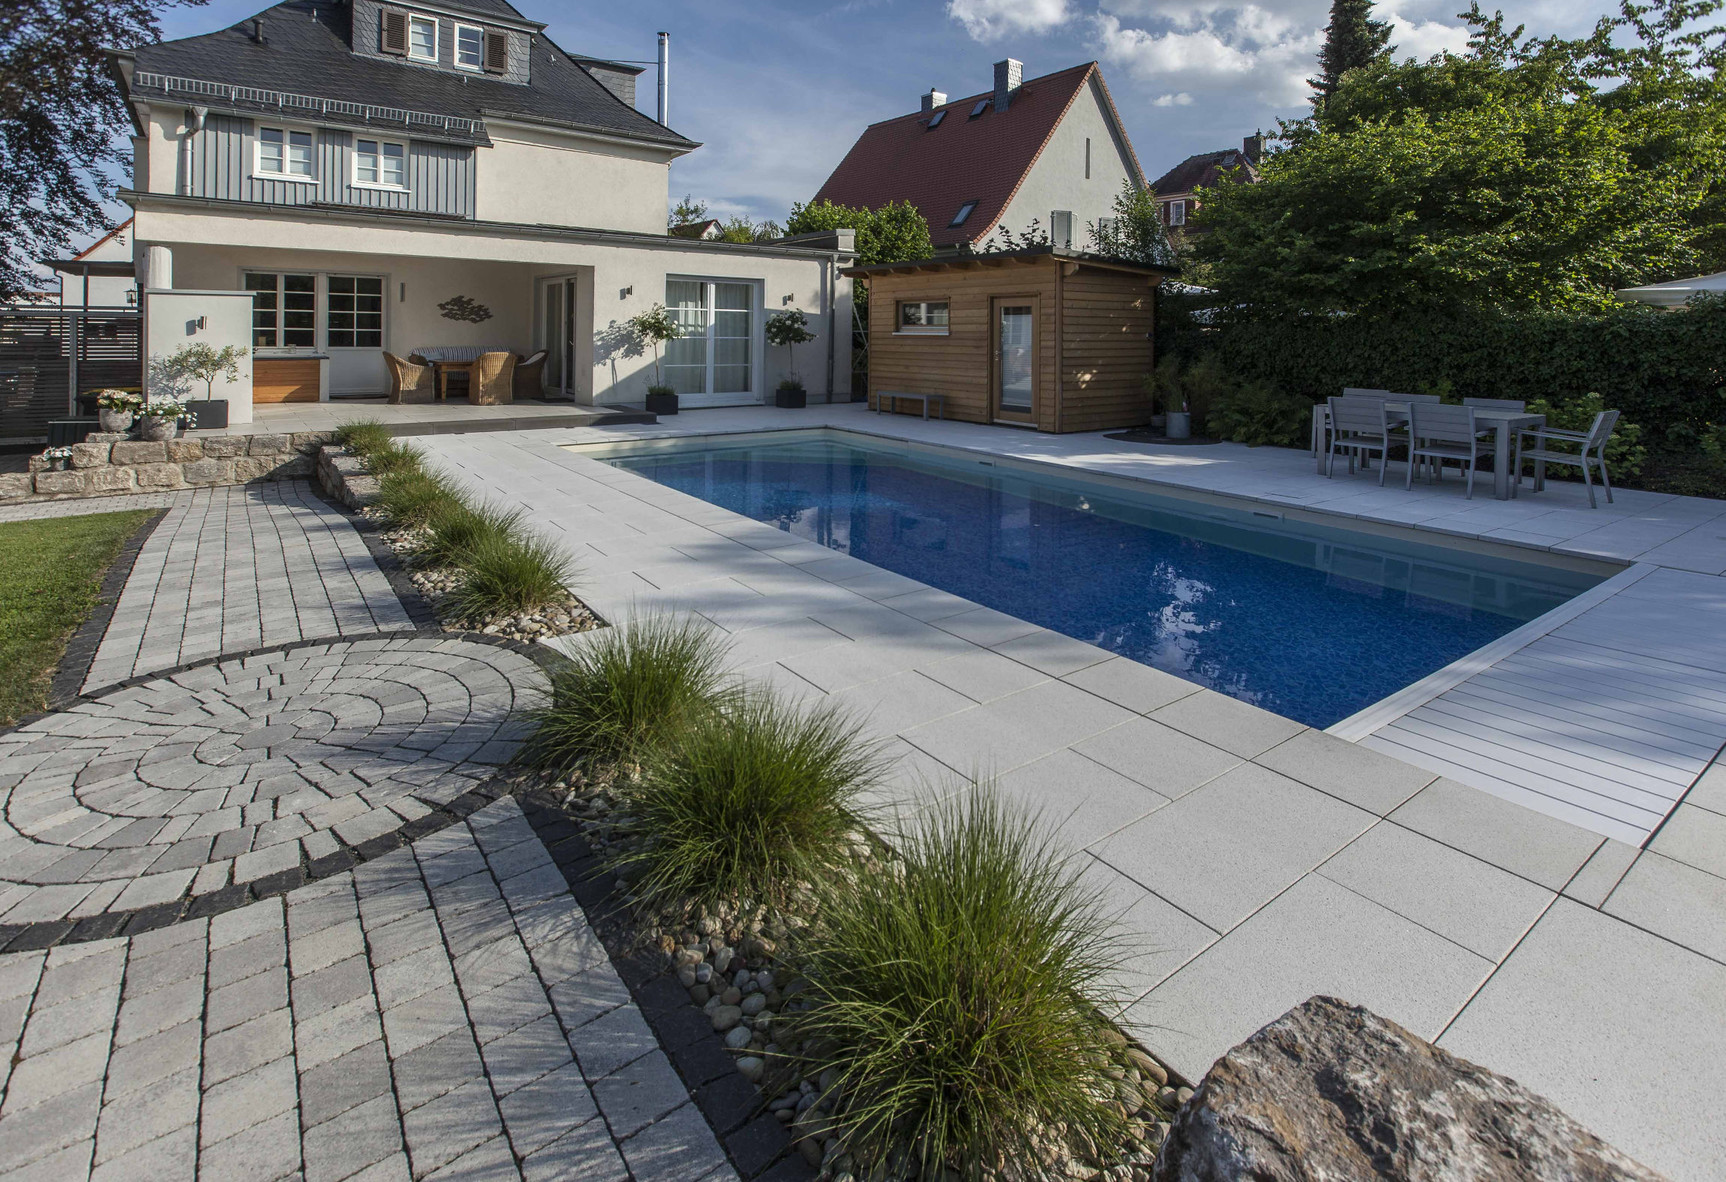 Gartengestaltung rund um den Pool mit beschichteten Betonplatten sowie ein Gehweg mit Pflastersteinen in rustikaler Optik